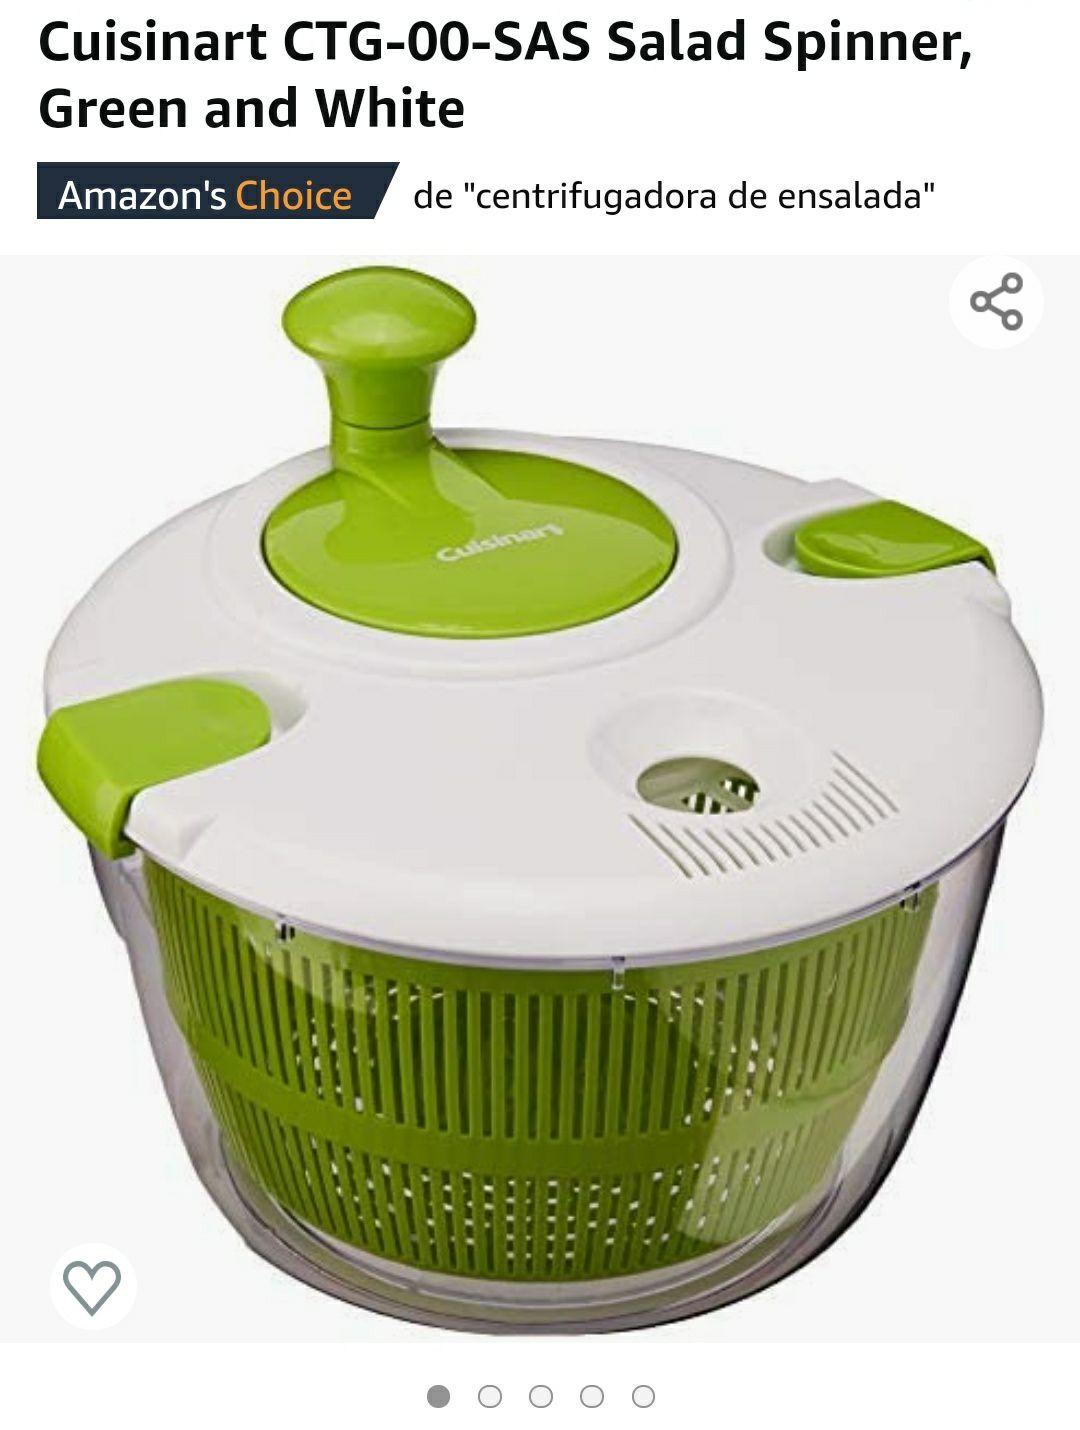 Amazon: Salad Spinner - Cuisinart